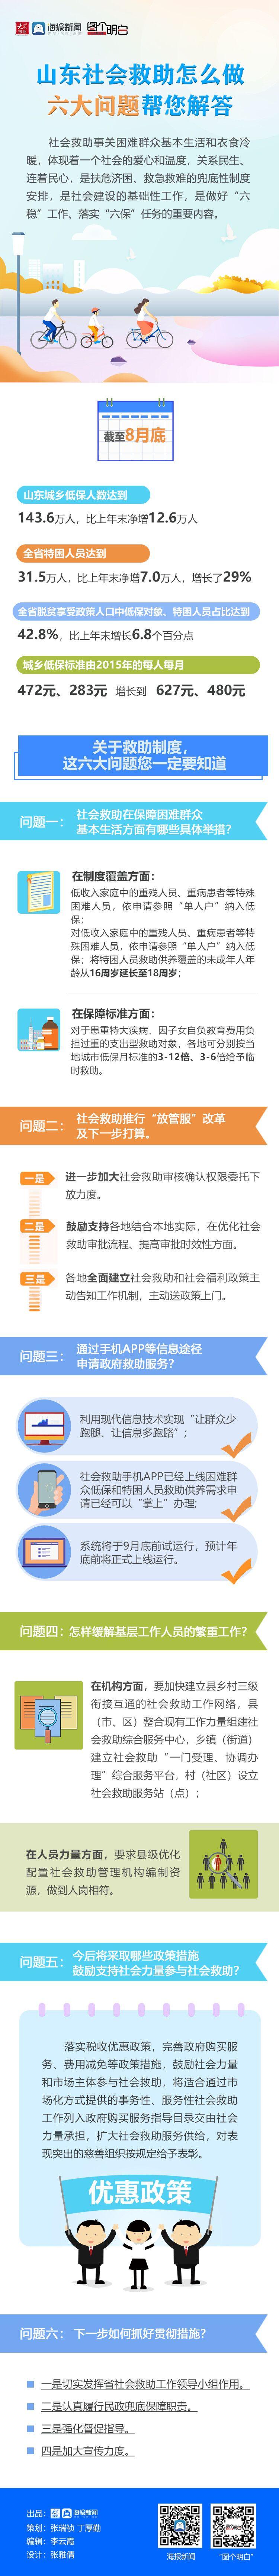 大众报业·海报新闻|图个明白|山东社会救助怎么做六大问题帮您解答